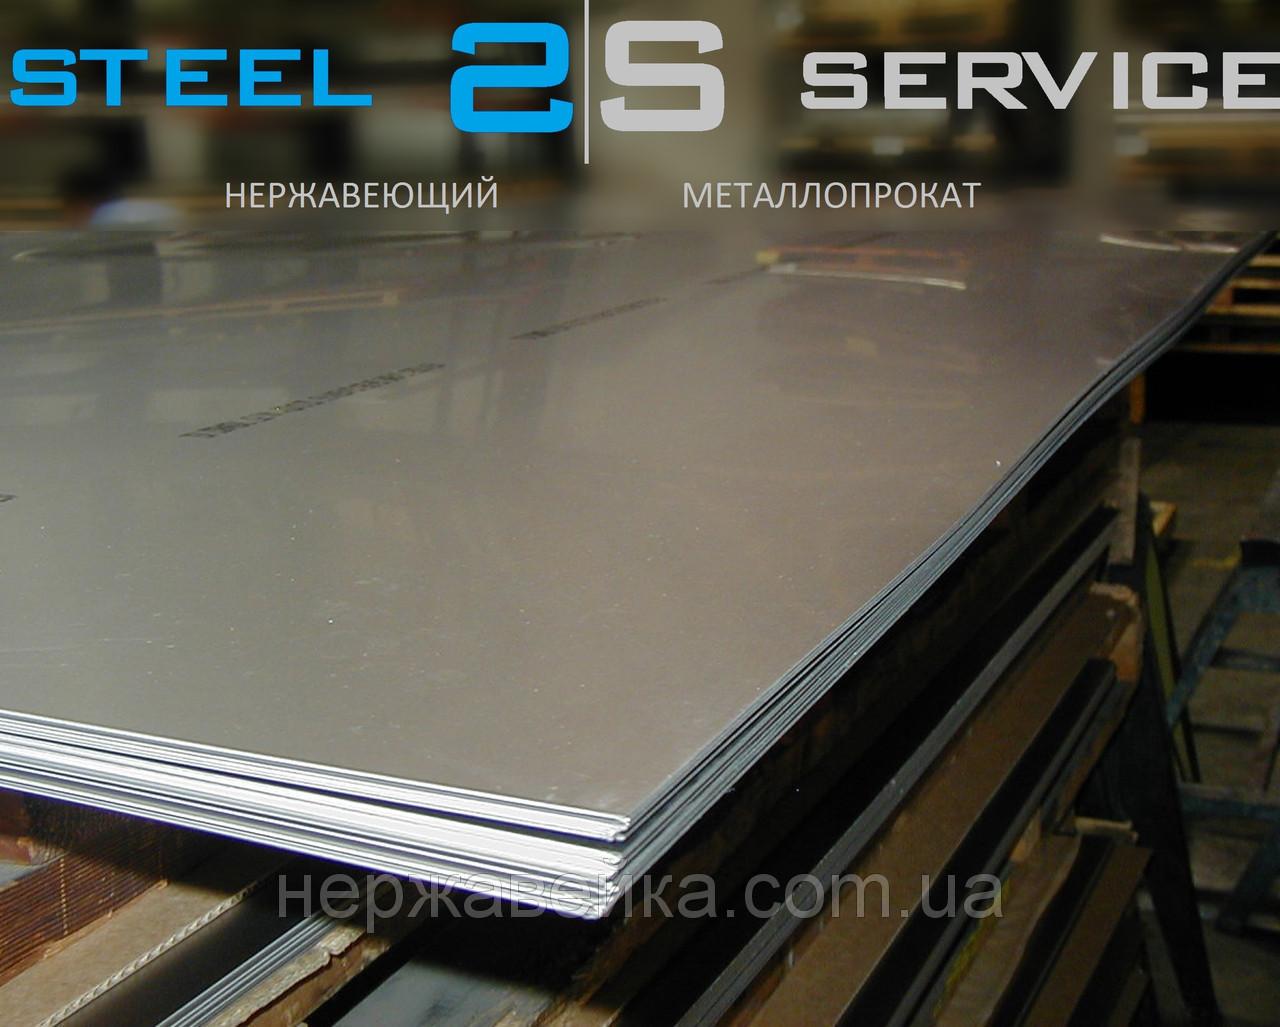 Нержавейка лист 2х1500х3000мм  AISI 321(08Х18Н10Т) 4N - шлифованный,  пищевой